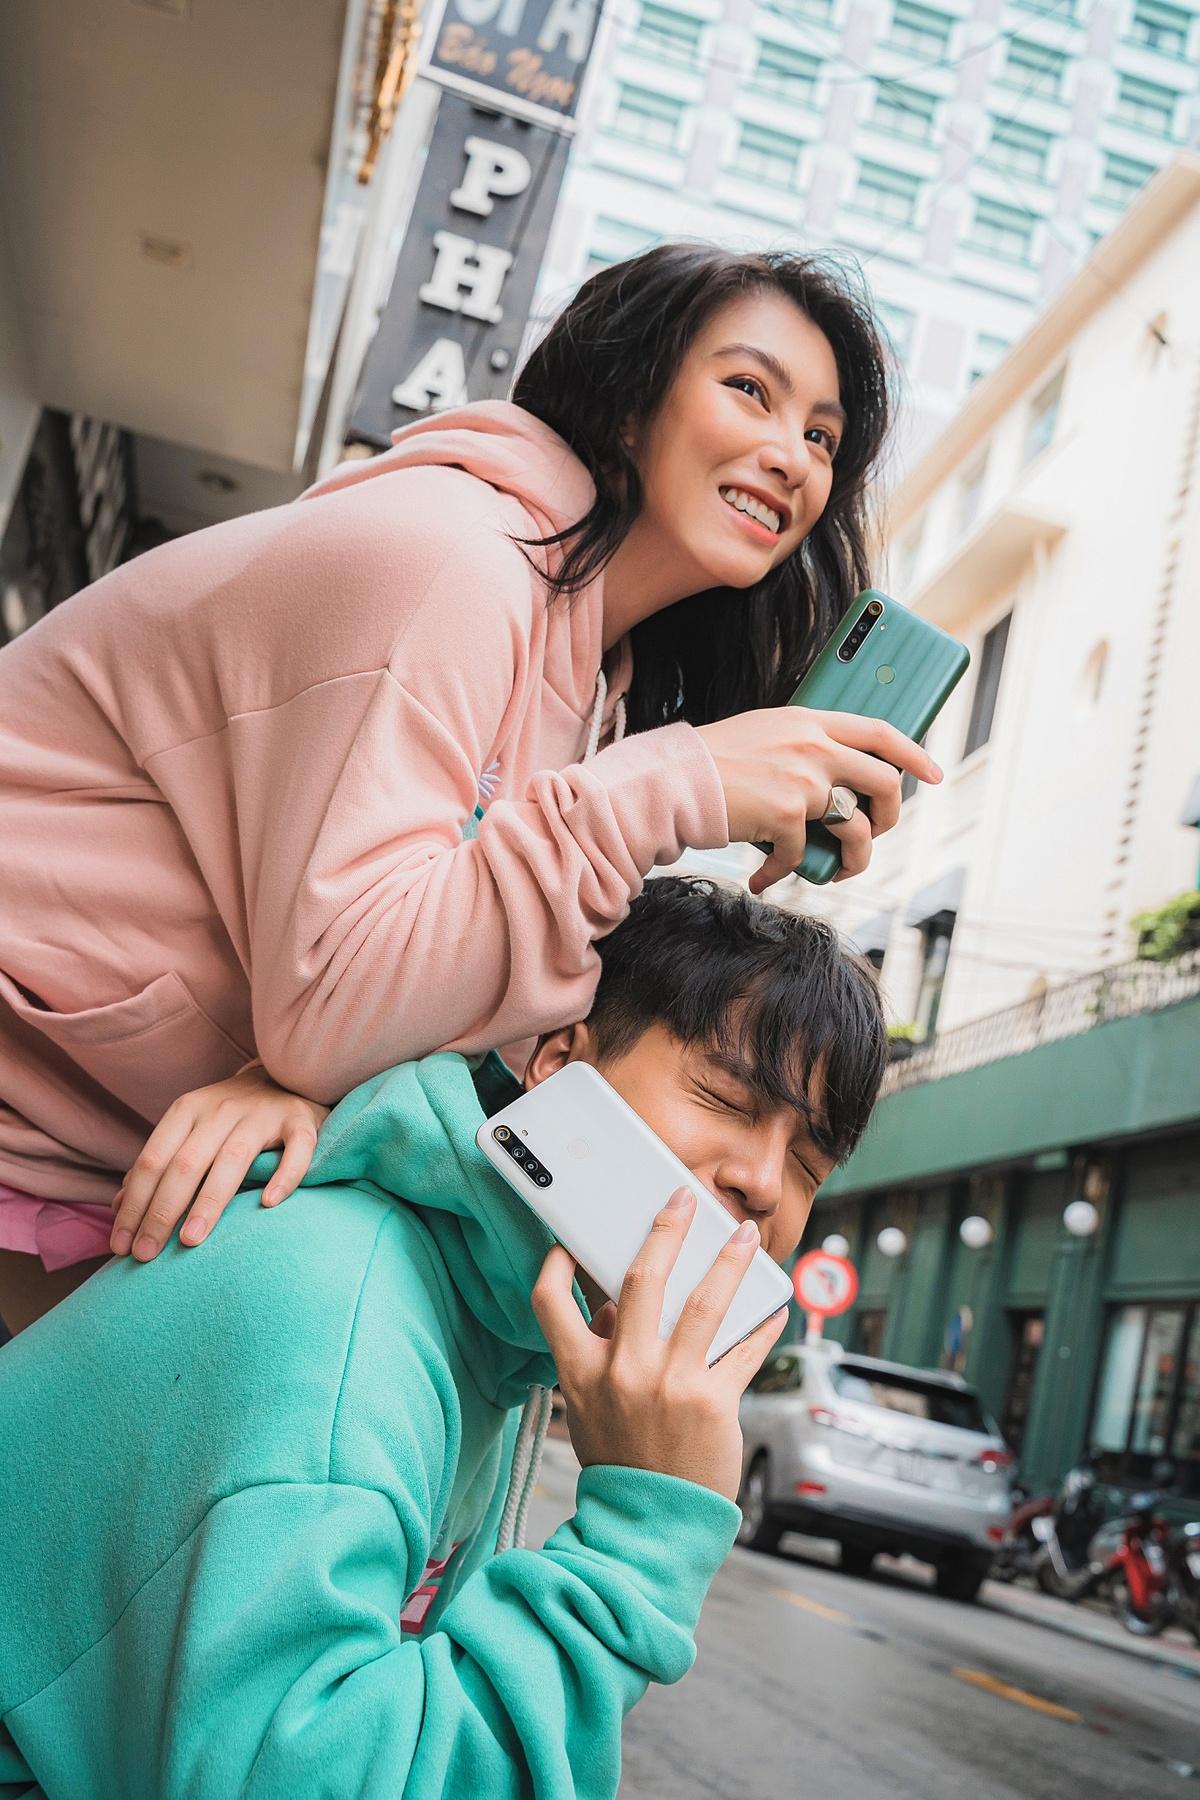 Realme 6i năng động: Realme 6i là em út trong bộ ba smartphone mới nhất, thể hiện phong cách tươi trẻ và năng động. Thiết kế tối giản với các đường vân sáng điểm xuyết ở mặt lưng cùng hai tùy chọn màu sắc trắng sữa, xanh lục trà độc đáo giúp mẫu điện thoại này phù hợp với các bạn yêu thích gout thời trang thể thao.